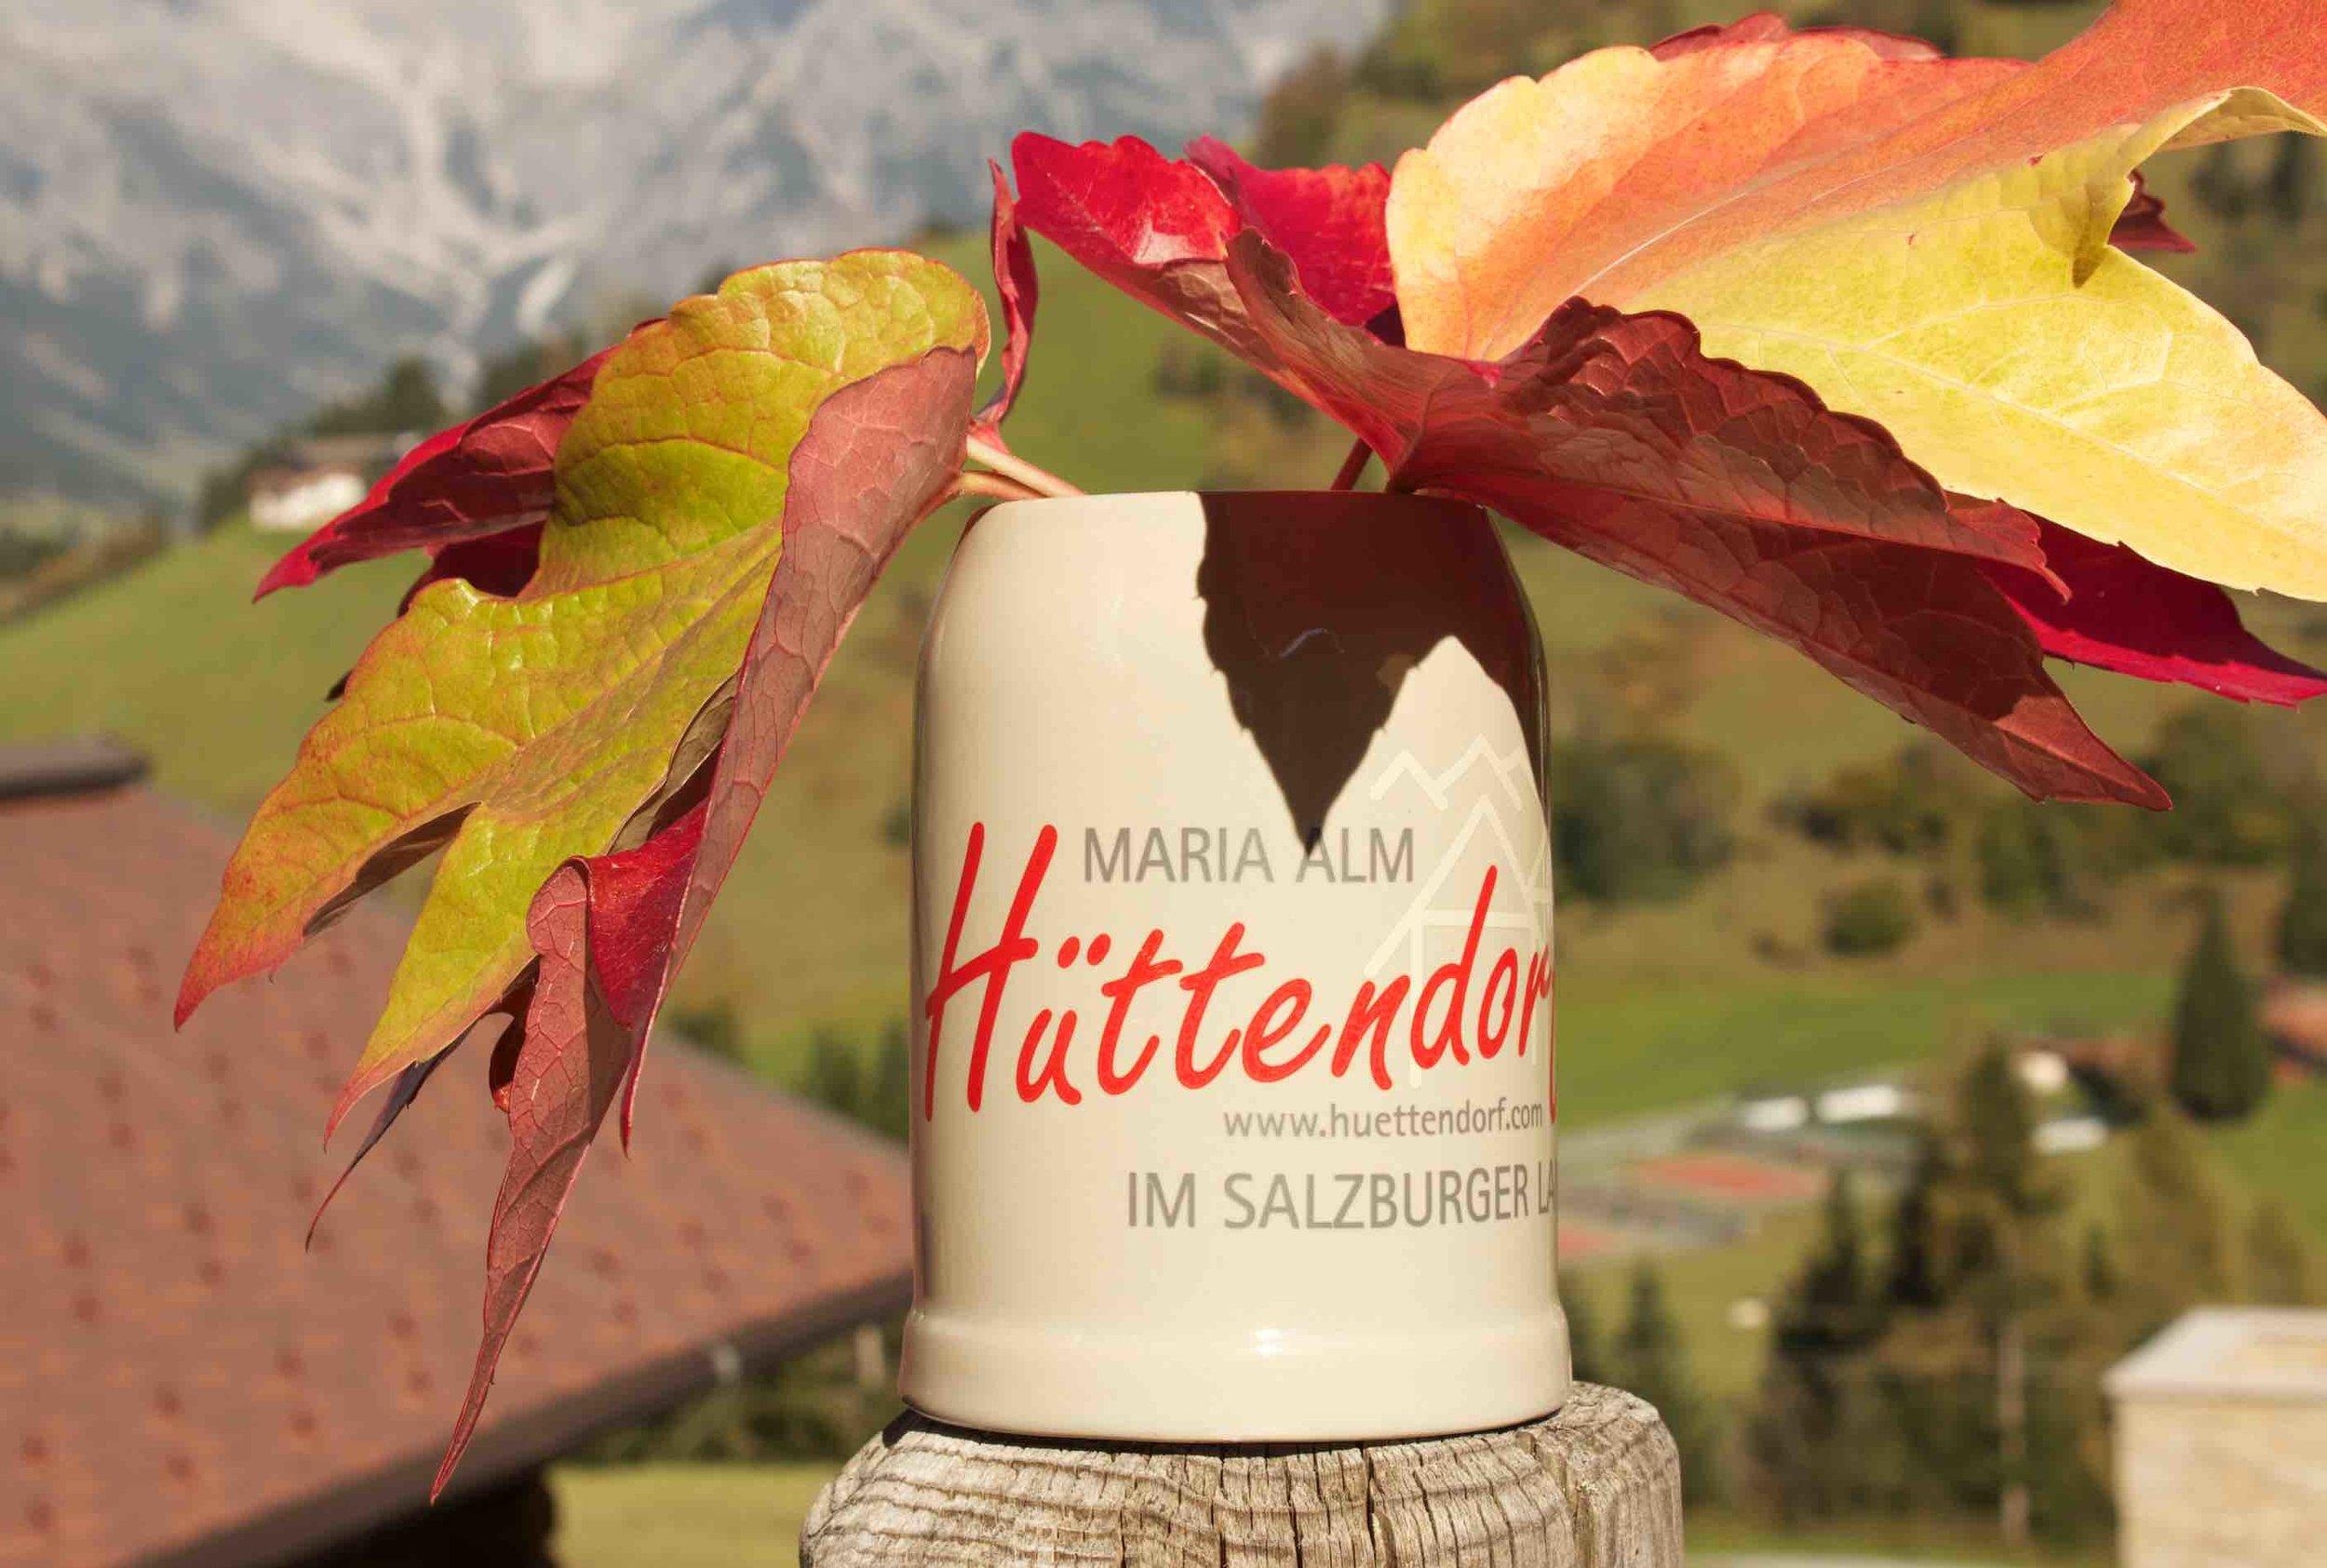 Pauschale im Hüttendorf für Pärchen